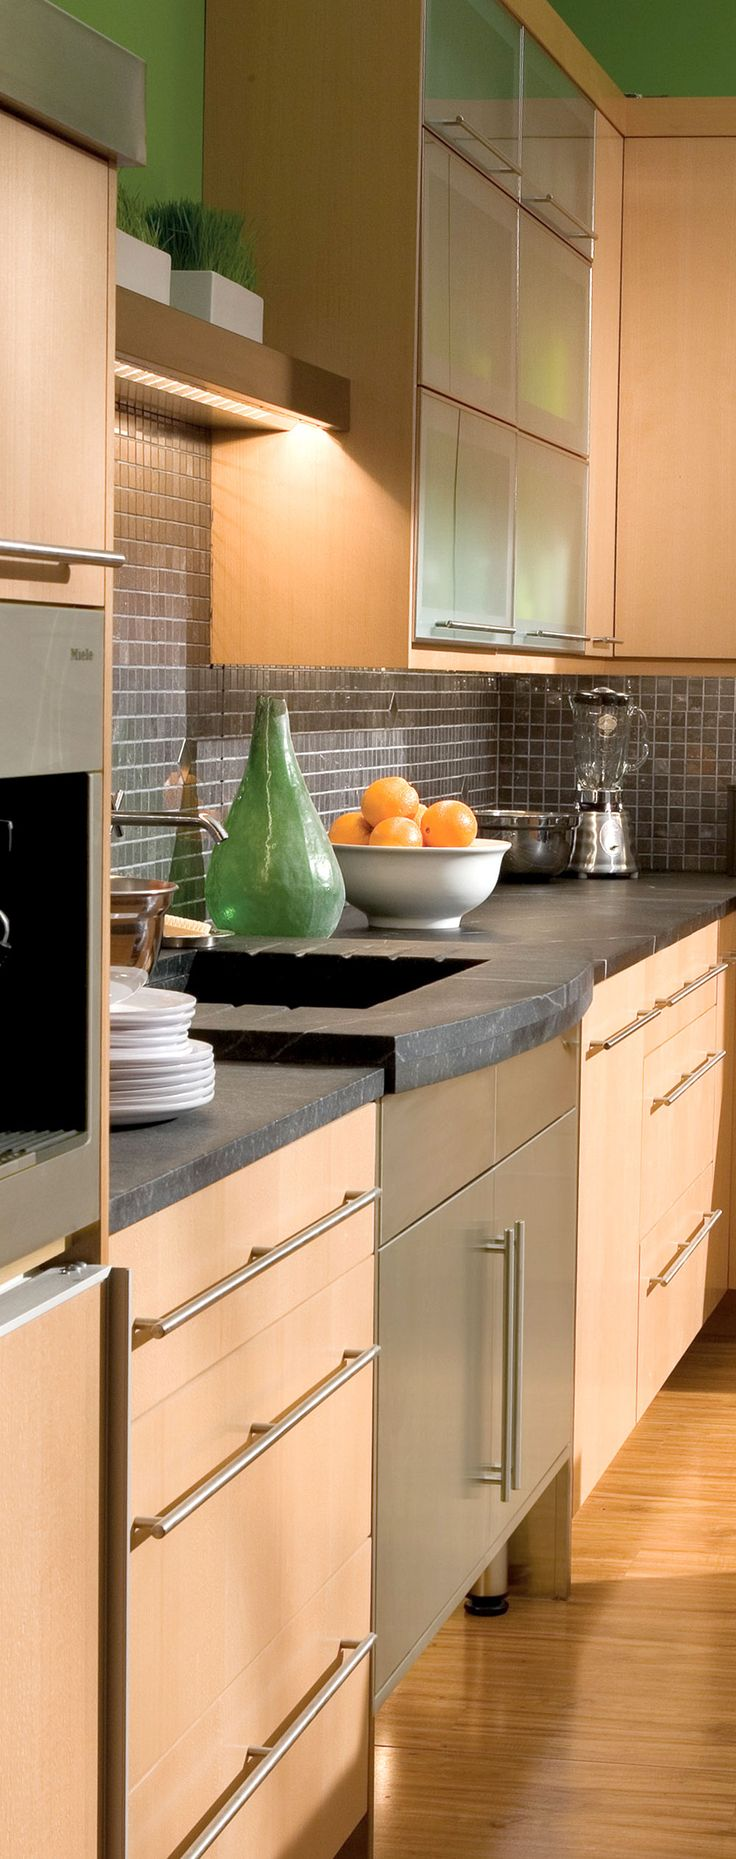 Al al alno kitchen cabinets chicago - Bright Contemporary Kitchen Design Dura Supreme Cabinetry